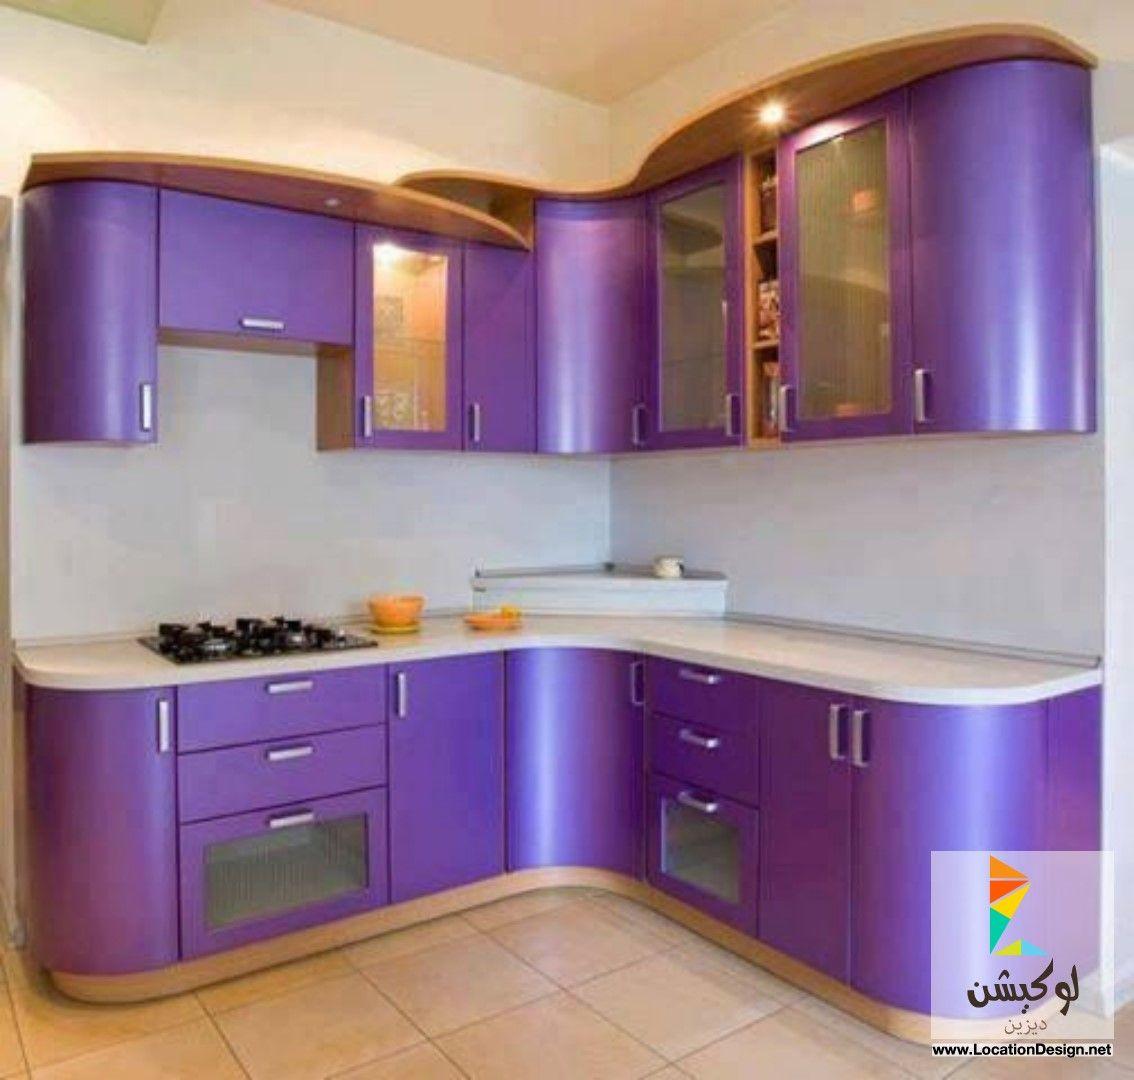 explore purple kitchen kitchen colors and more - Violet Kitchen 2015